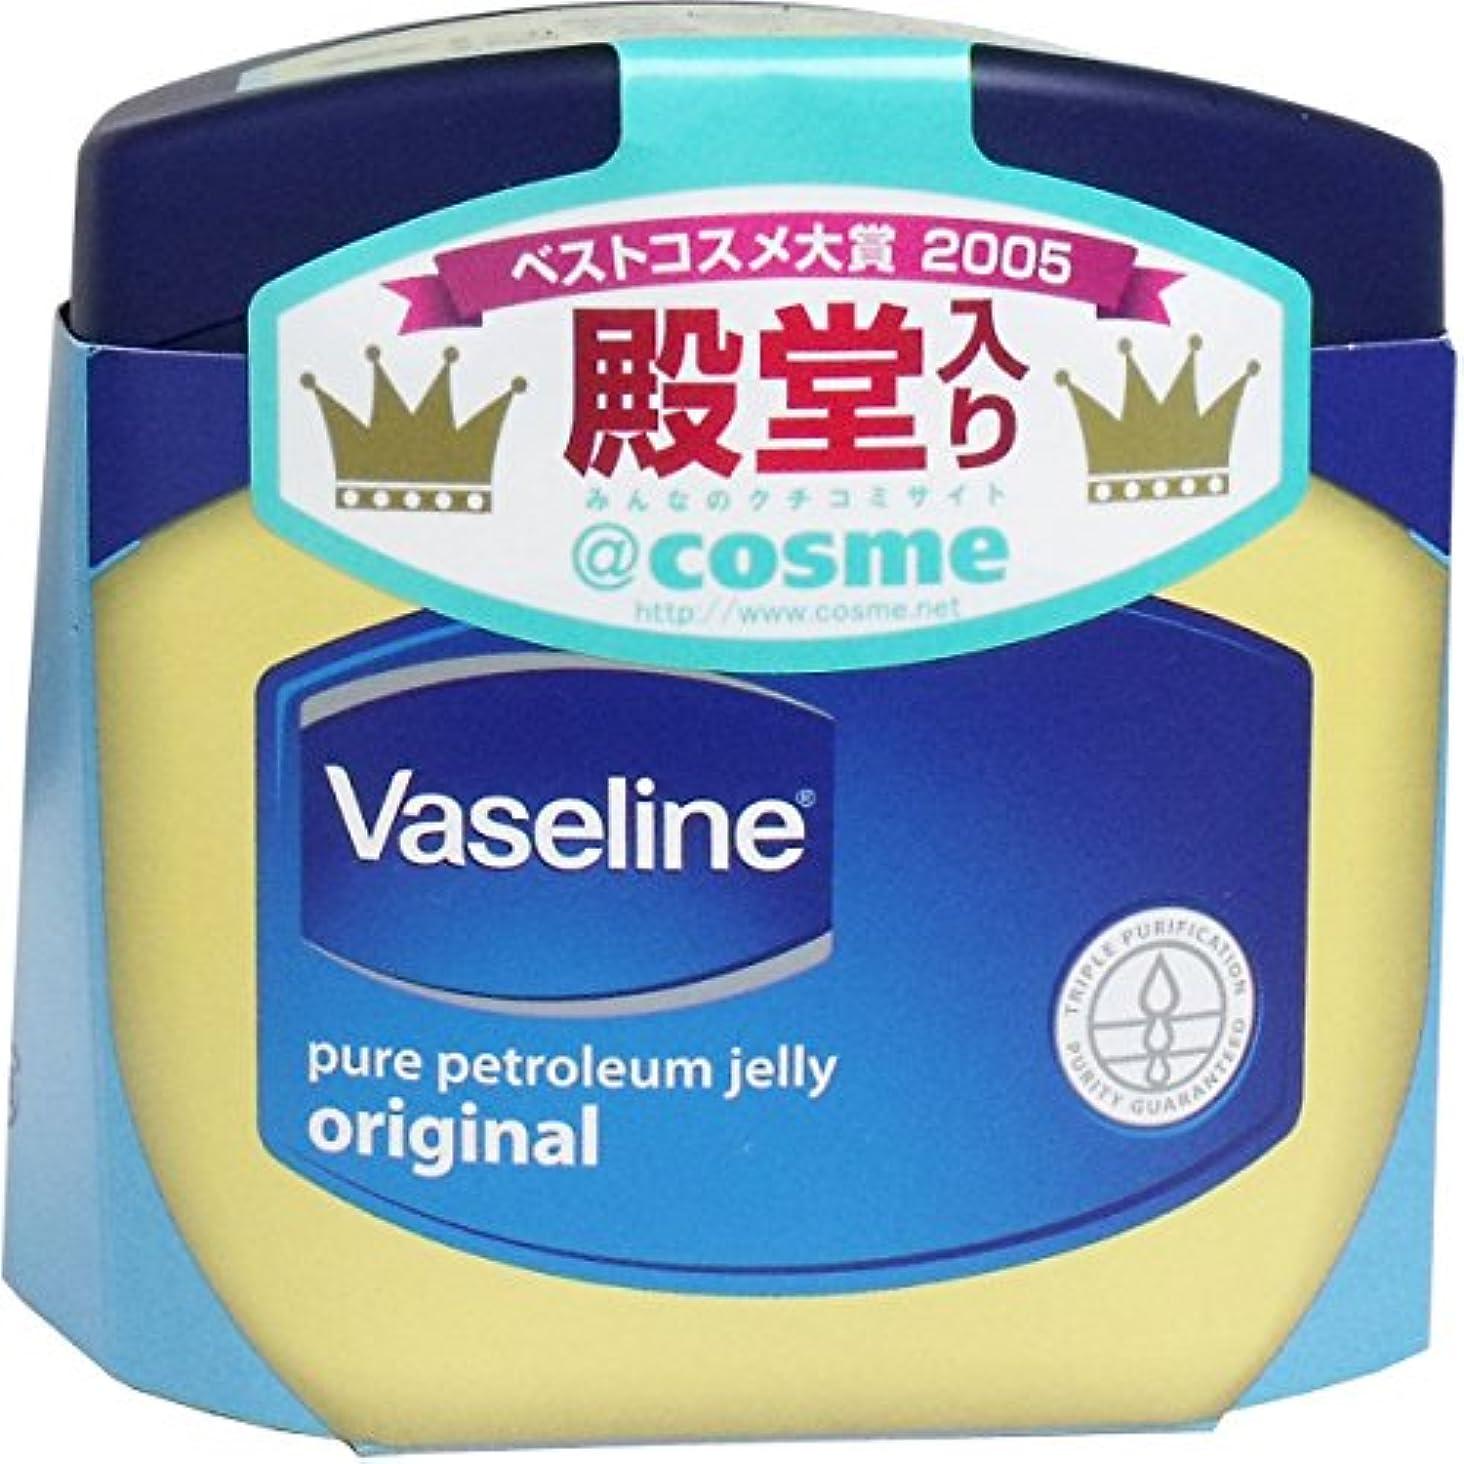 自殺ゲージ検索エンジン最適化【Vaseline】ヴァセリン ピュアスキンジェリー (スキンオイル) 200g ×10個セット